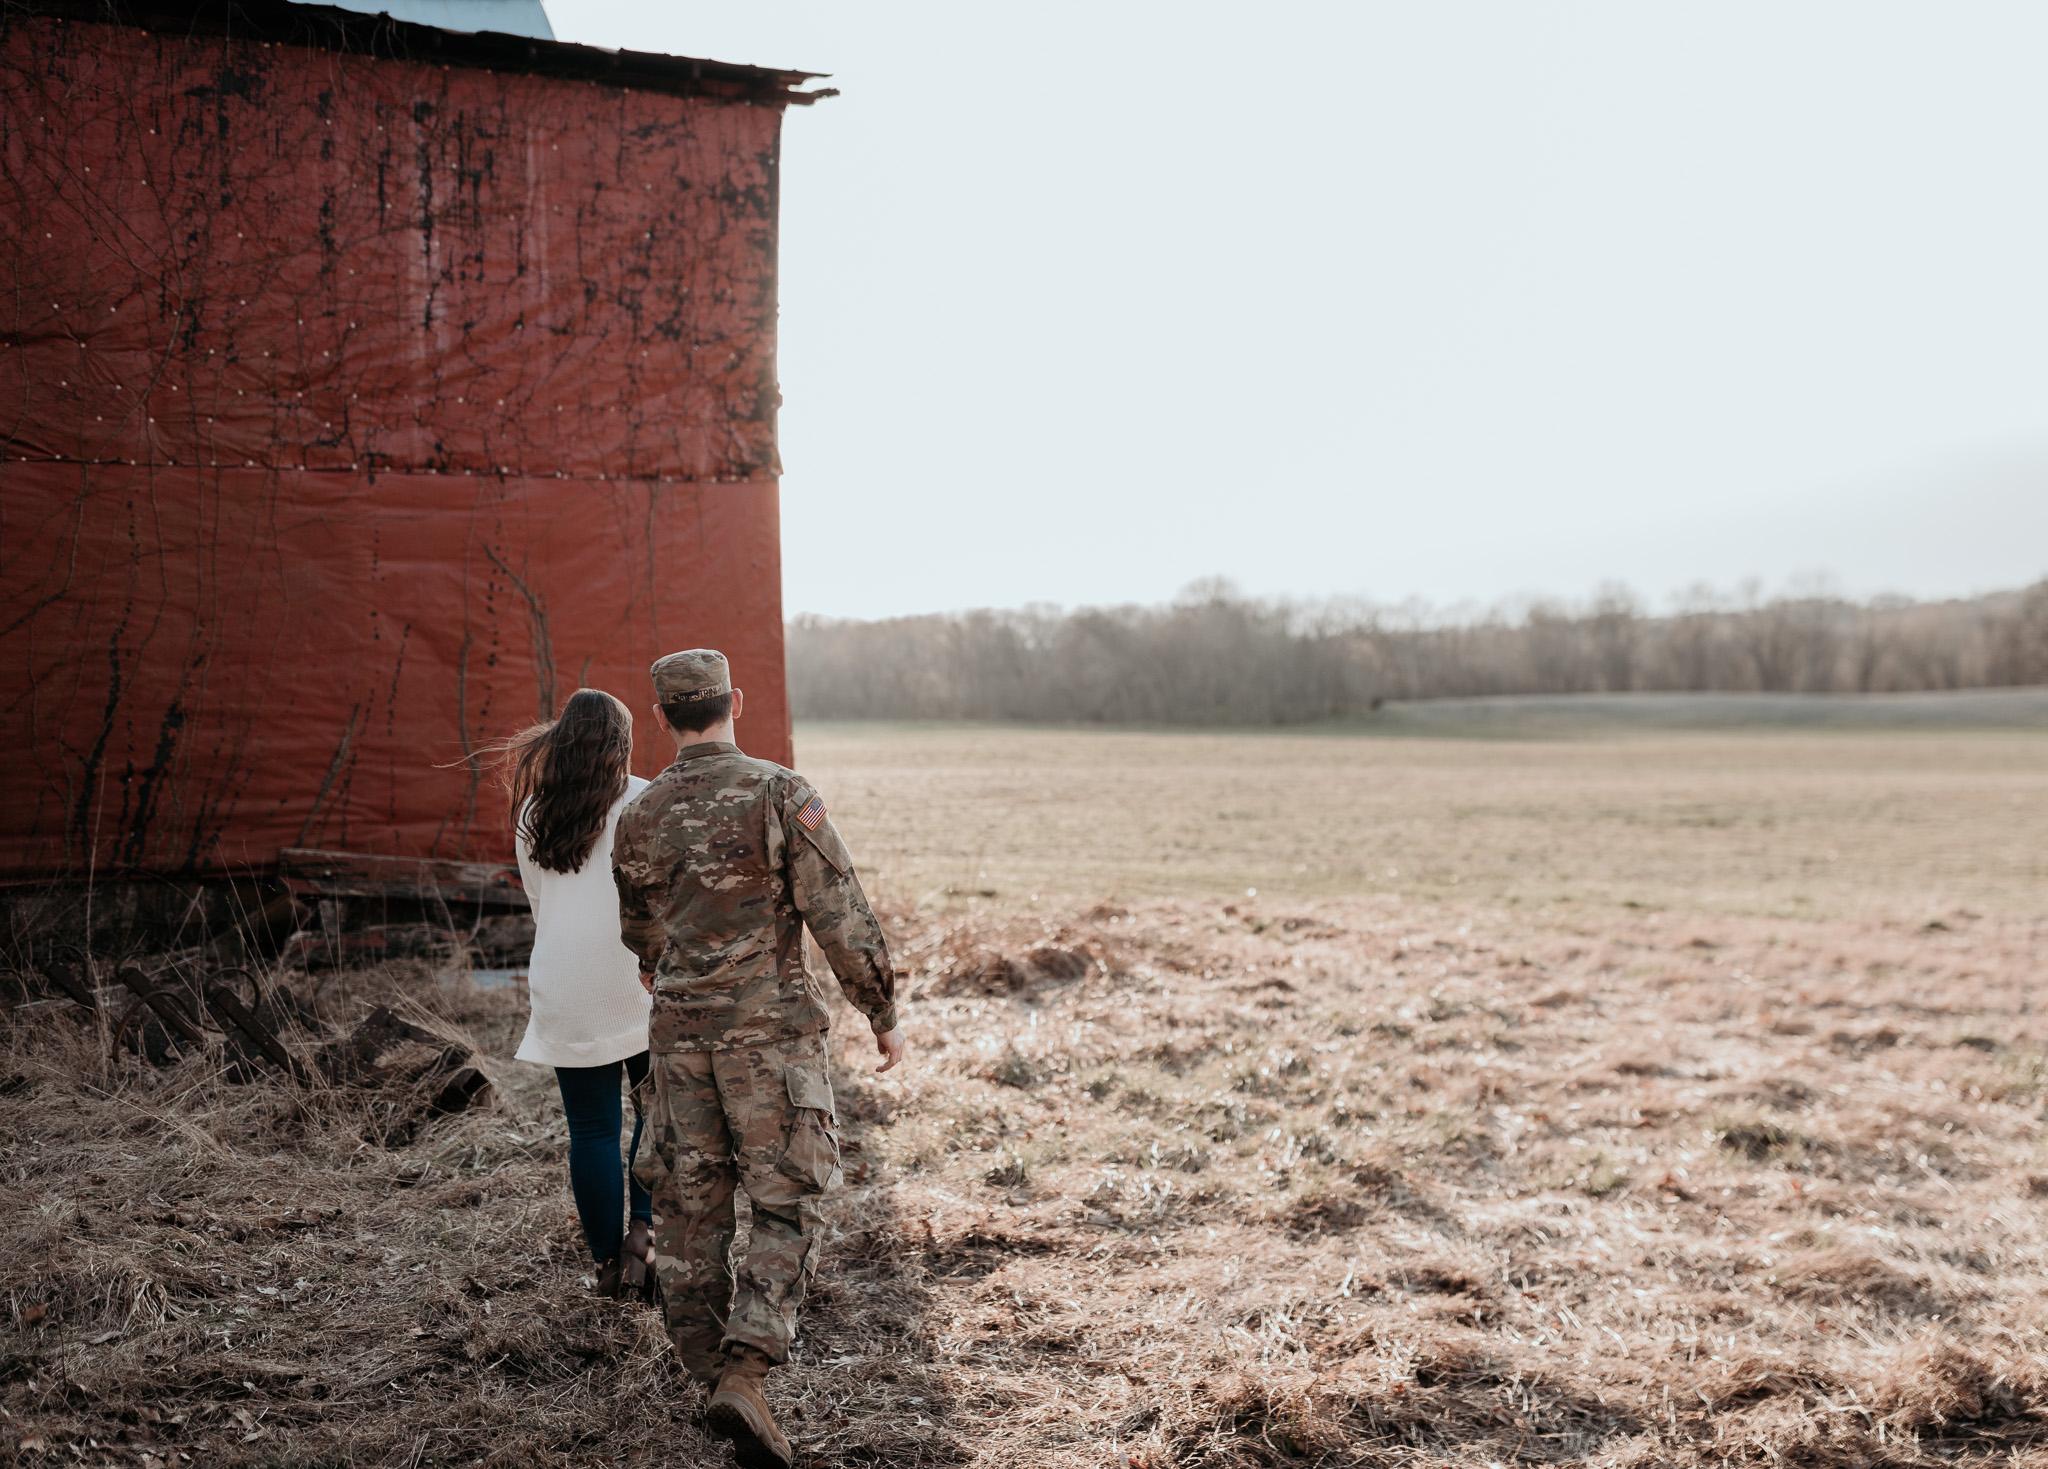 woman leading man in army uniform